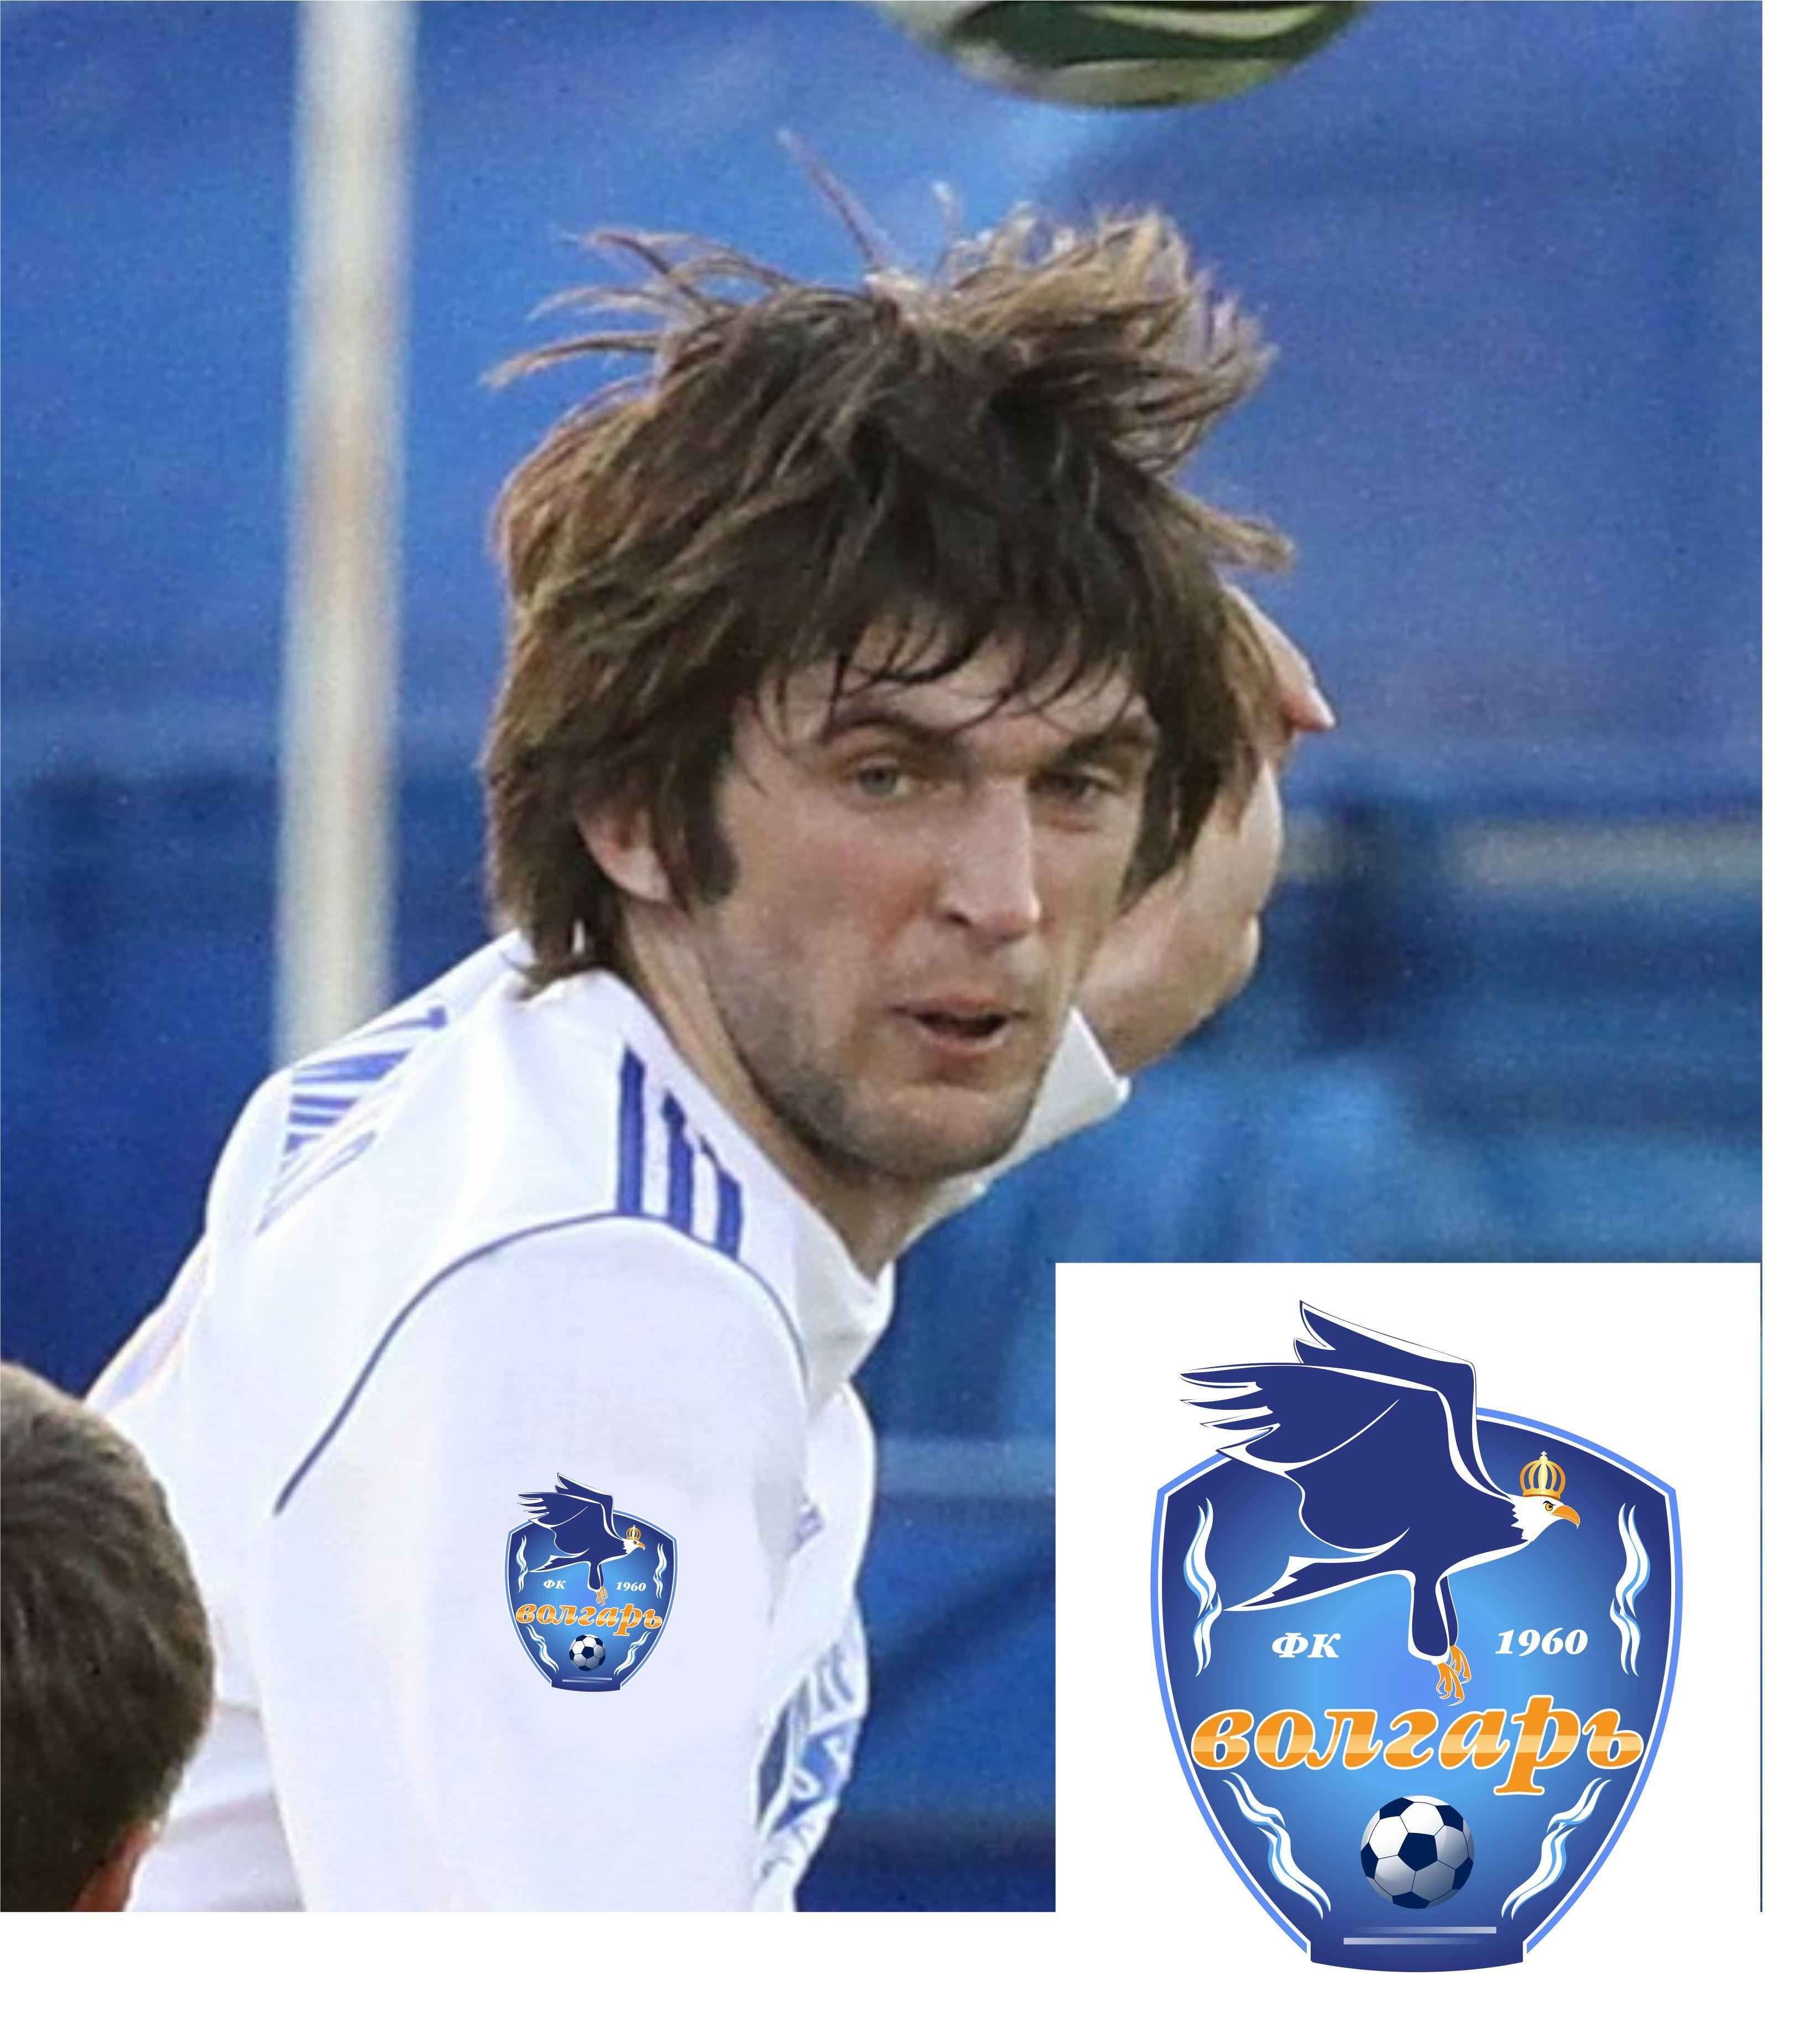 Разработка эмблемы футбольного клуба фото f_4fc295b65e045.jpg